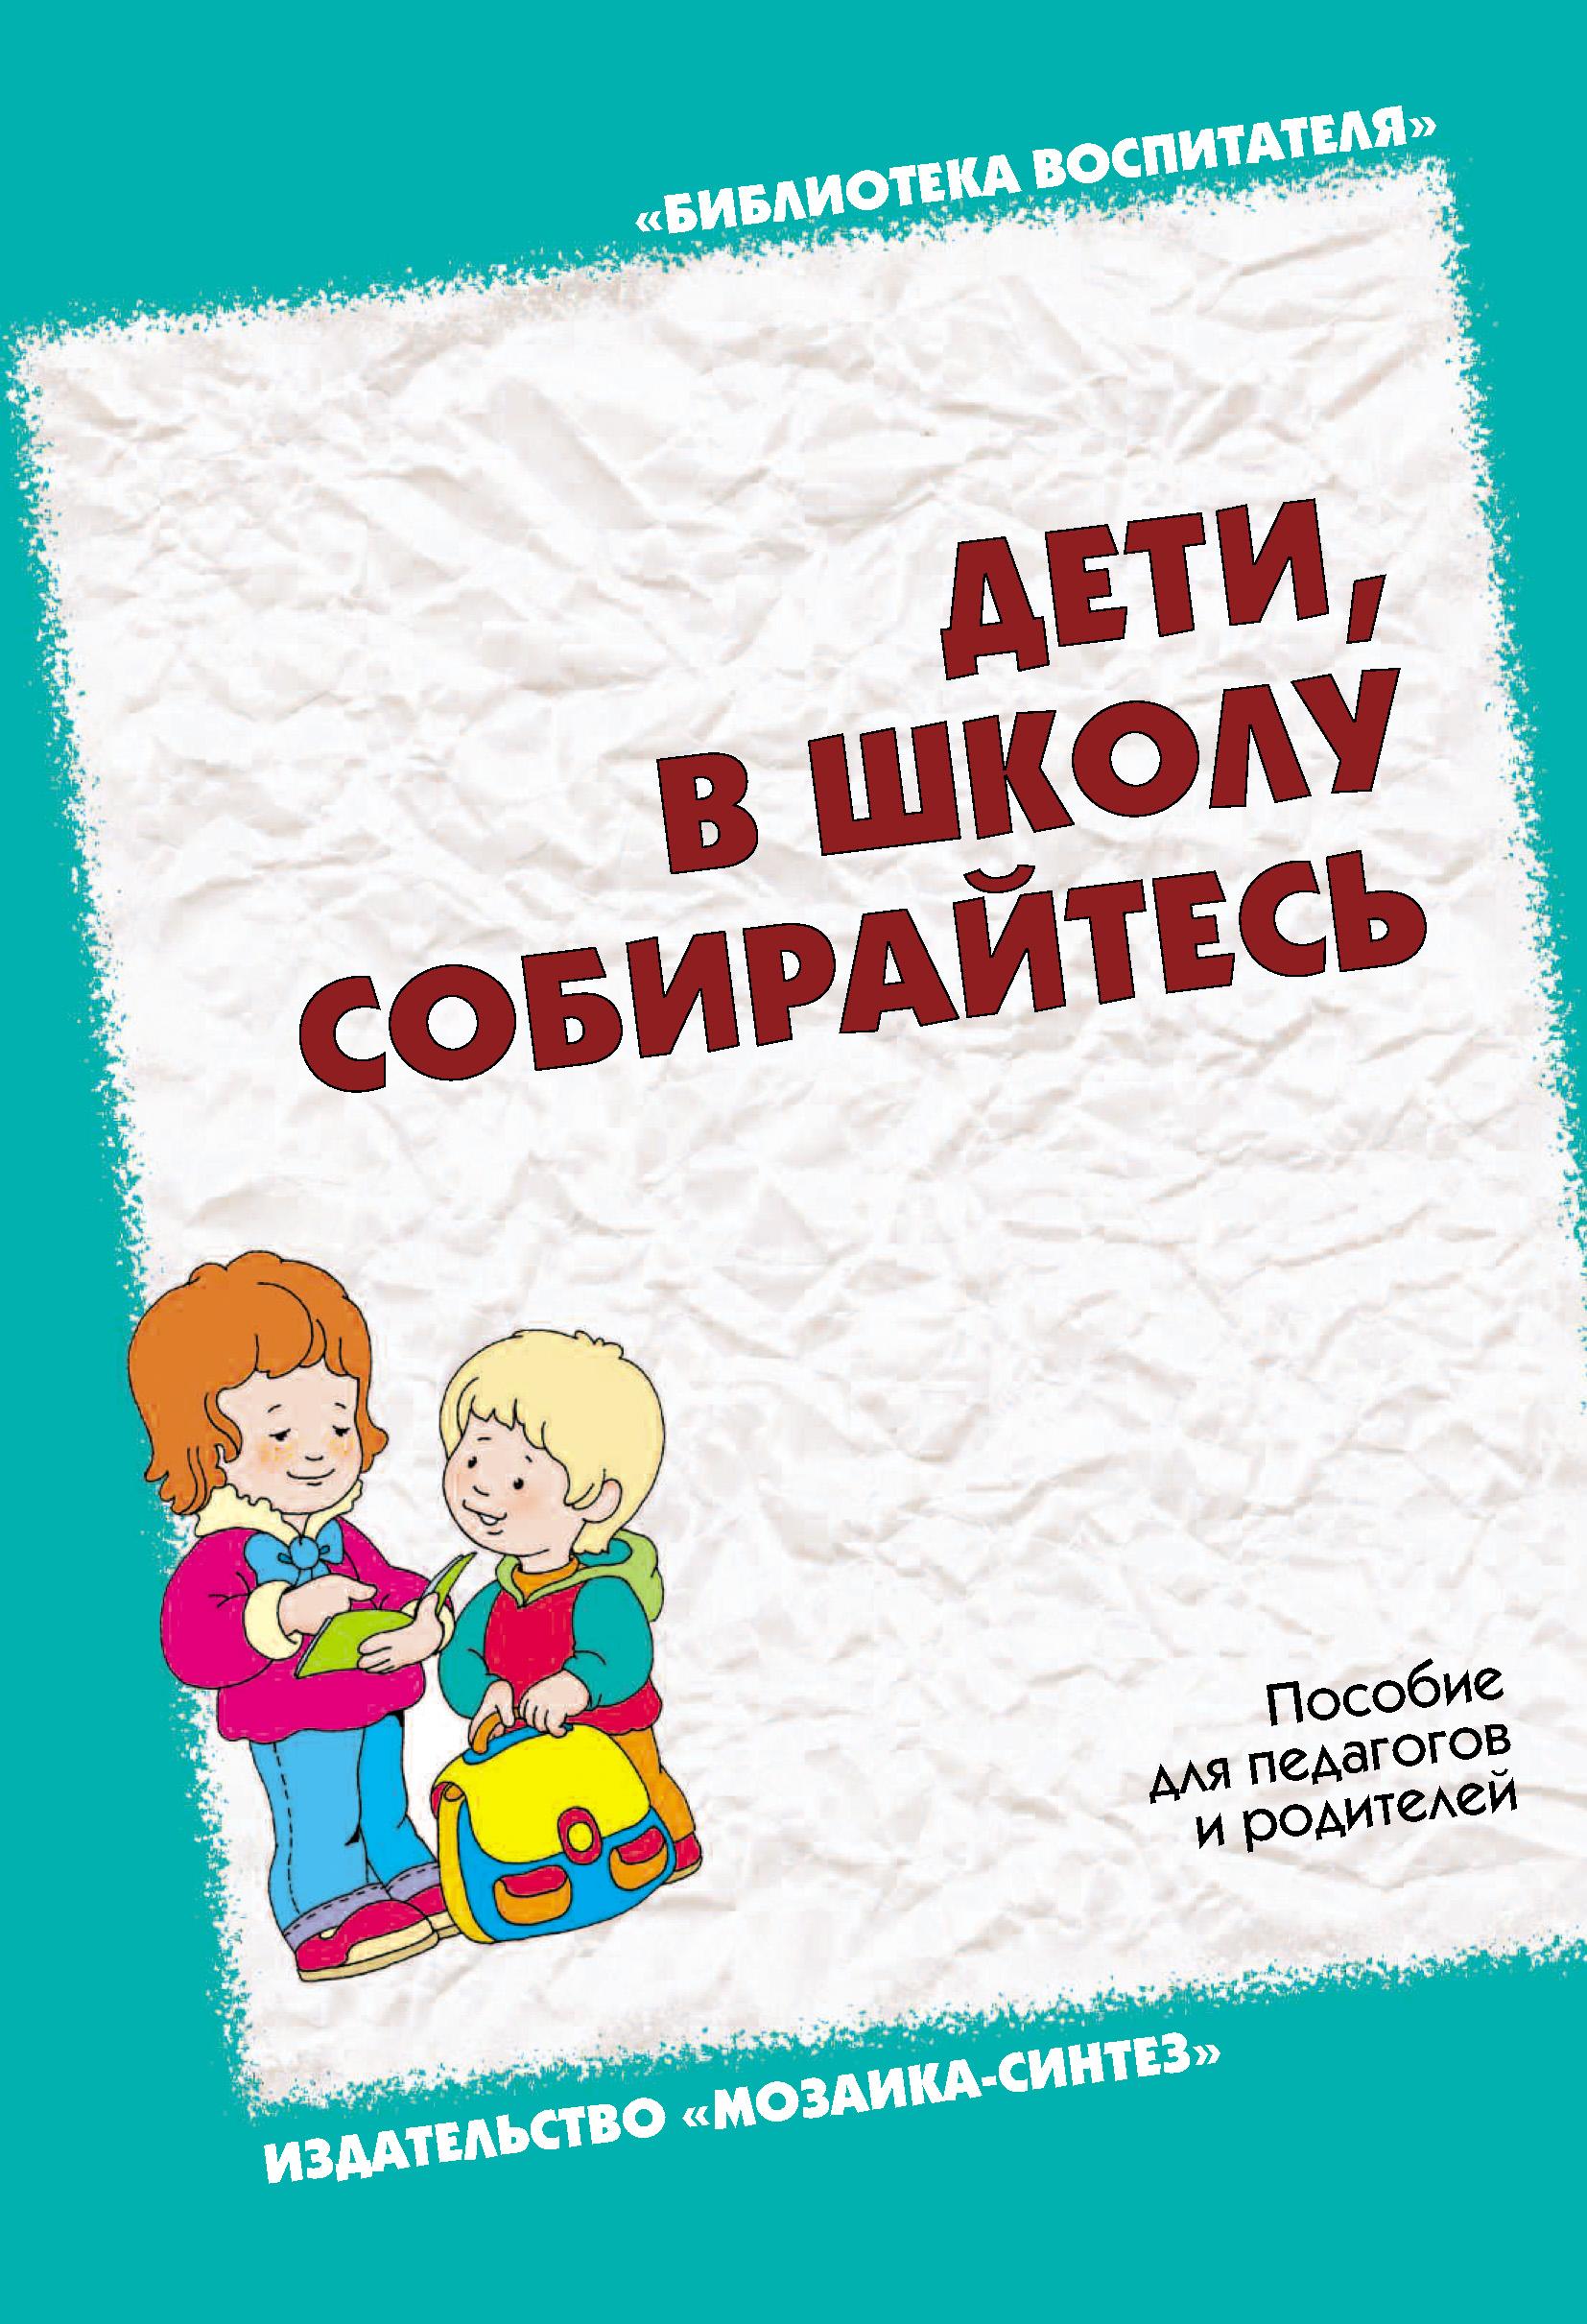 Л. Н. Павлова Дети, в школу собирайтесь. Пособие для педагогов и родителей вайни н вы авторитетный консультант как убедить в этом окружающих